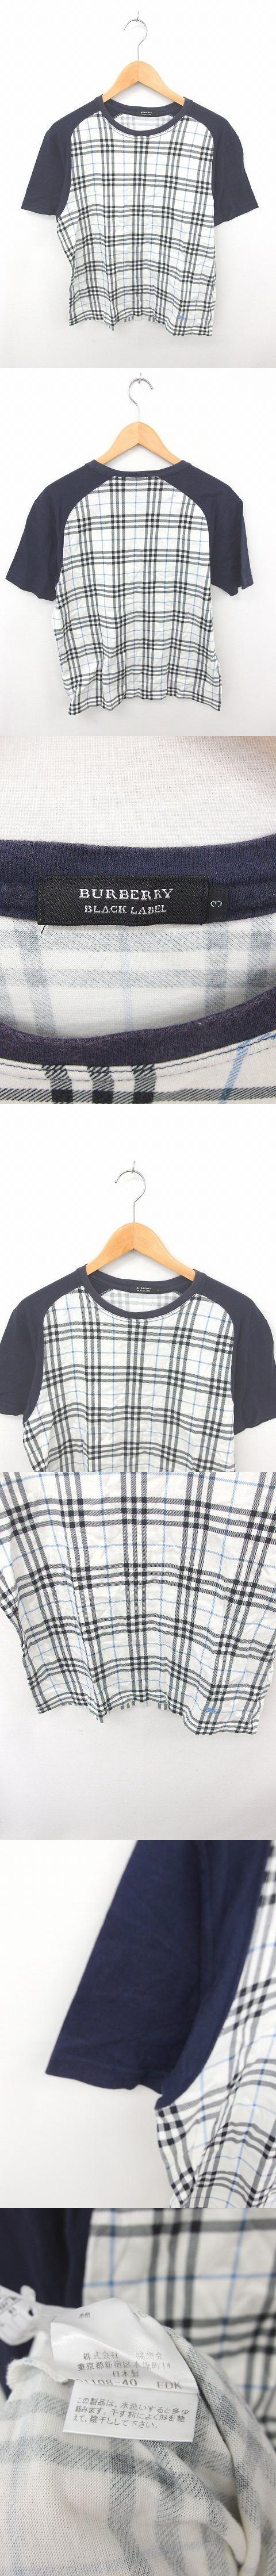 国内正規品 Tシャツ カットソー チェック 刺繍 丸首 綿 コットン 半袖 3 白 紺 ホワイト ネイビー /TT1